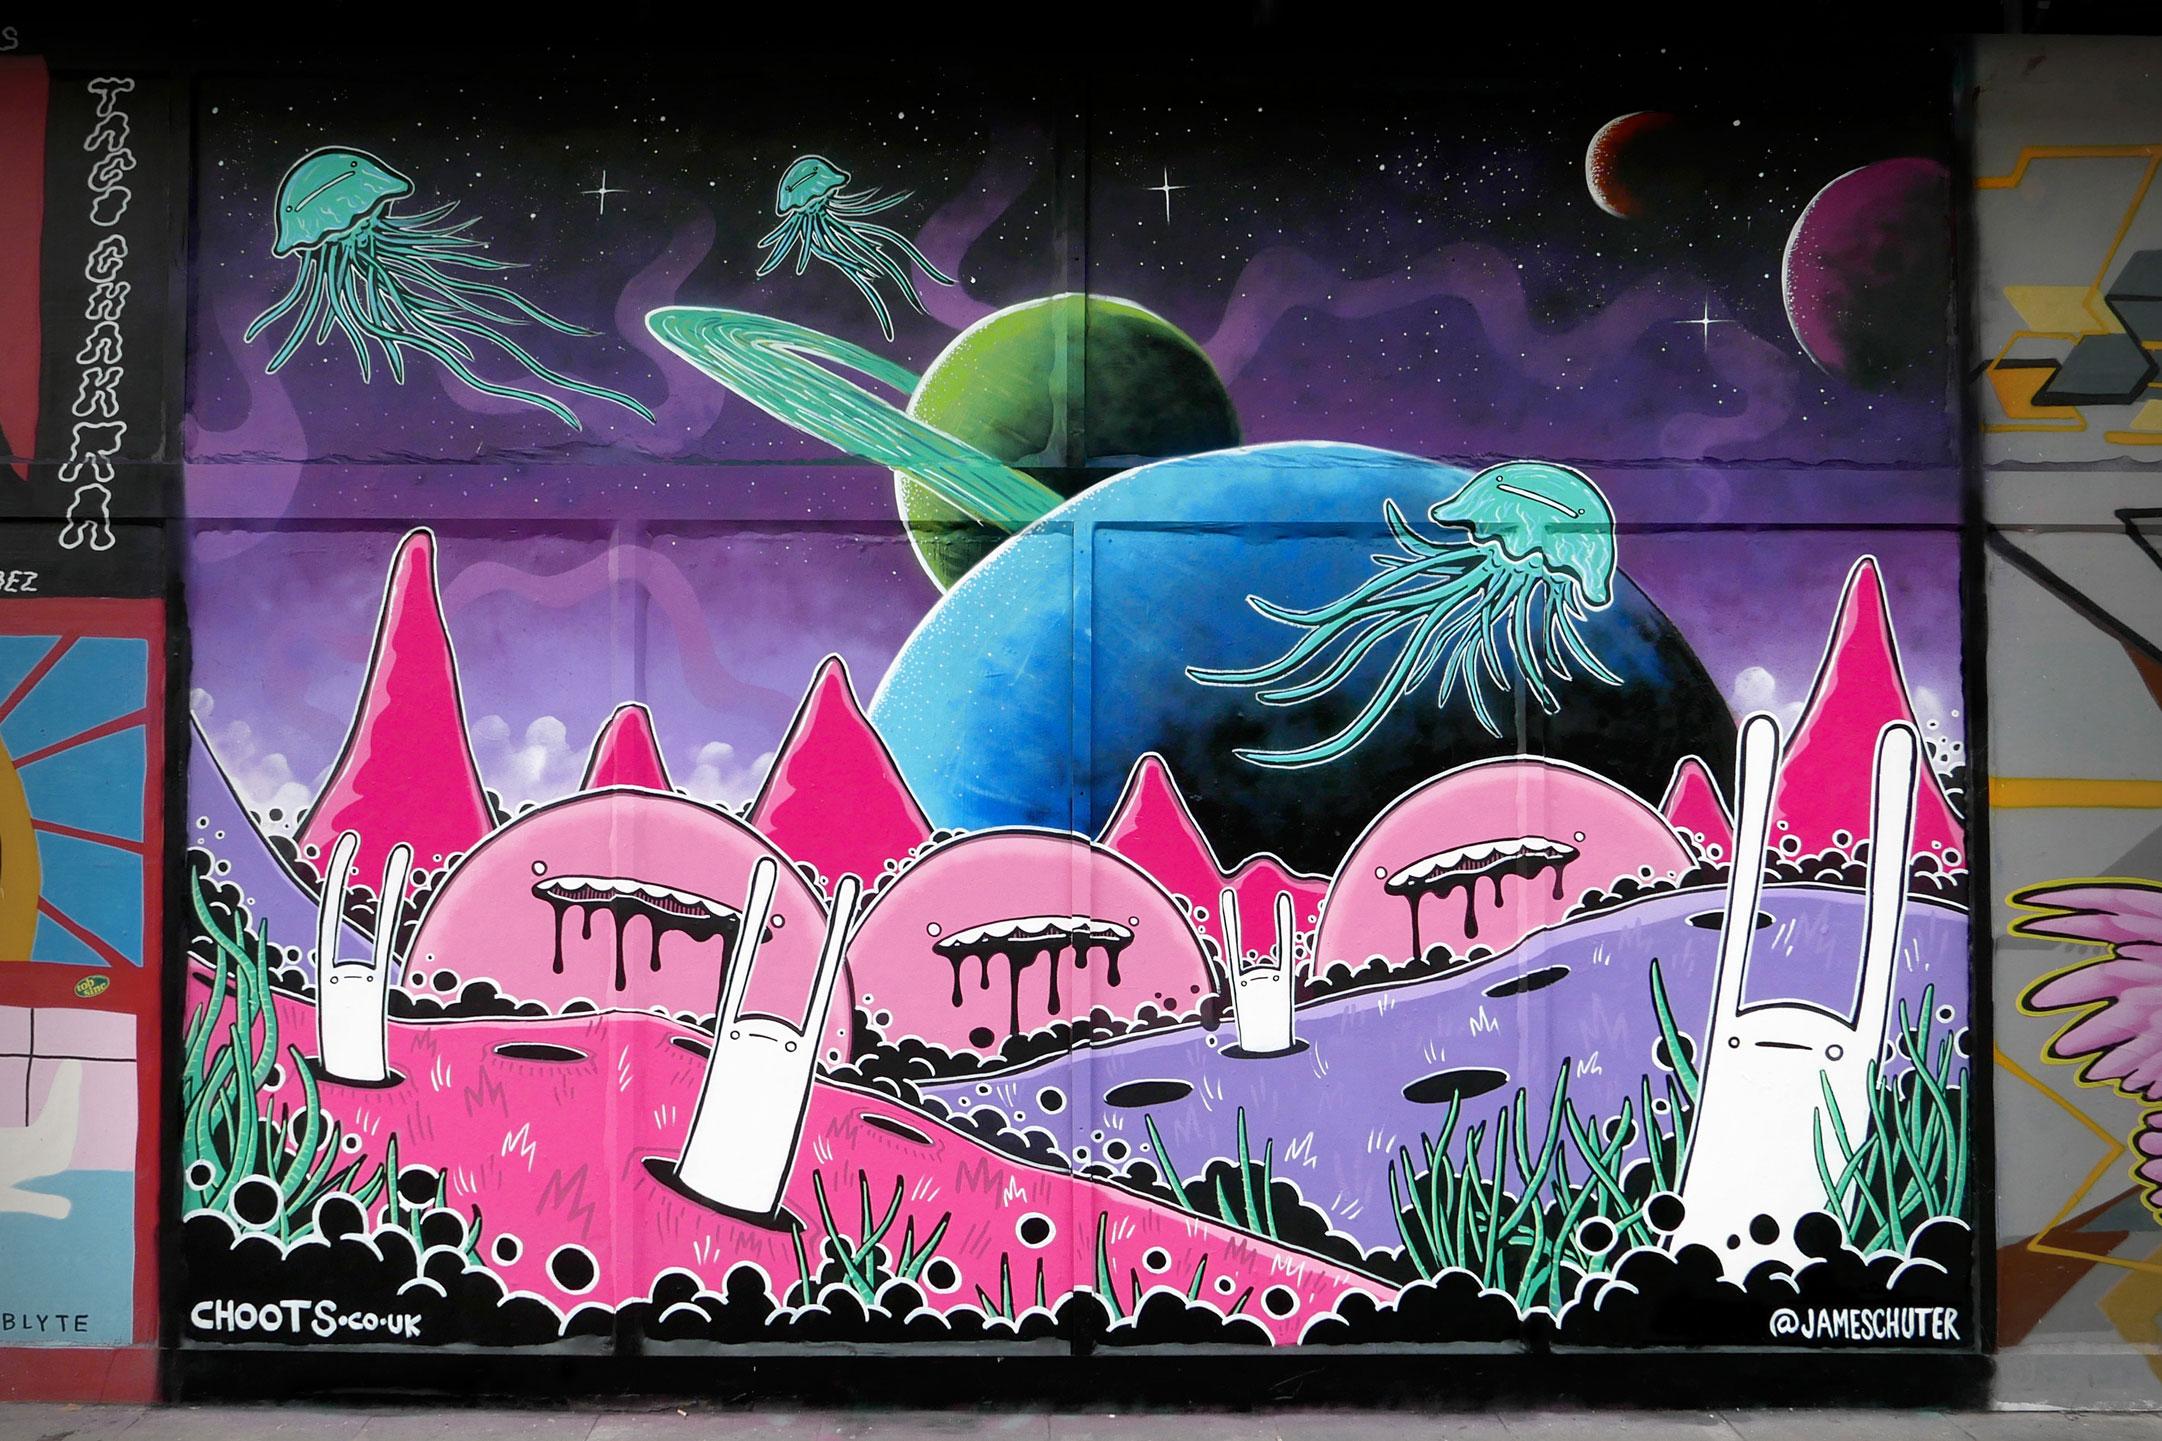 Cosmic mural